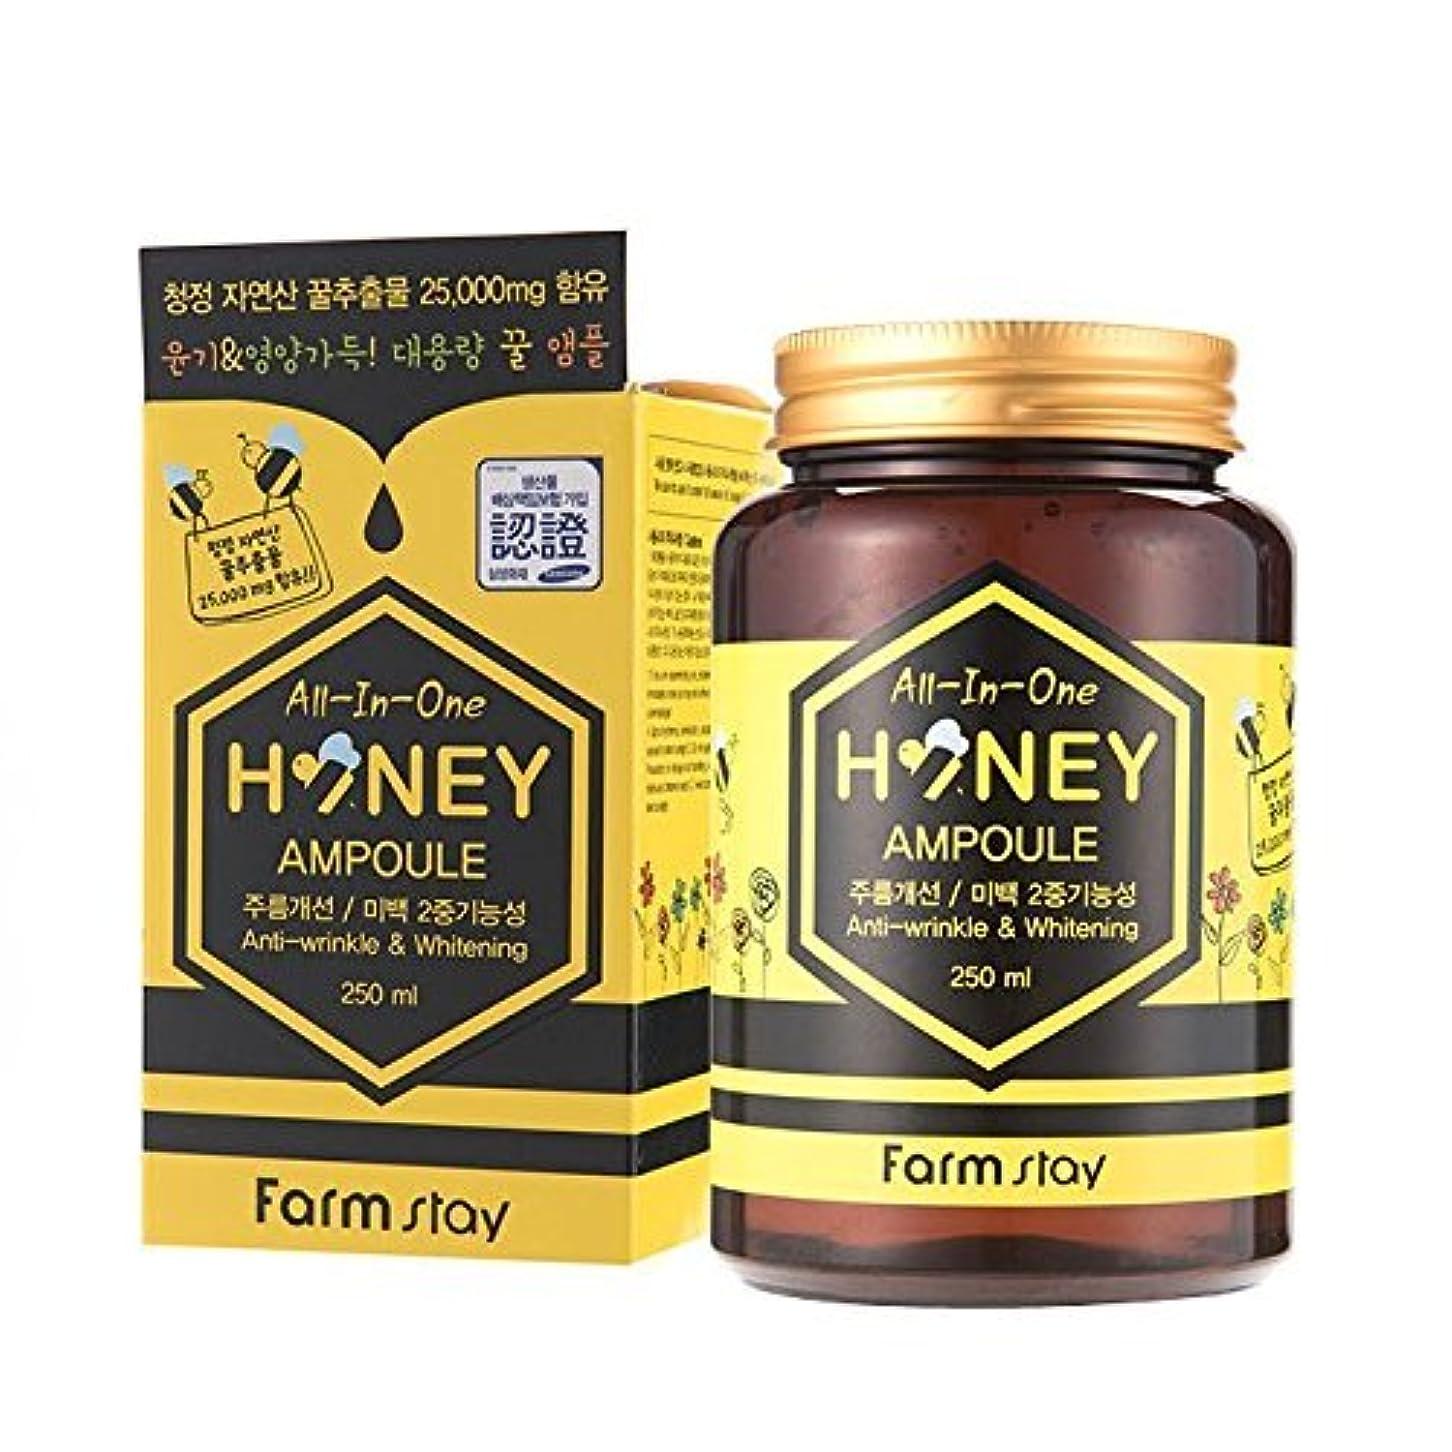 ミュートローラートランクファームステイ[韓国コスメFarm Stay]All In One Honey Ampoule オールインワンハニーアンプル250ml/ローヤルゼリー、プロポリス [並行輸入品]